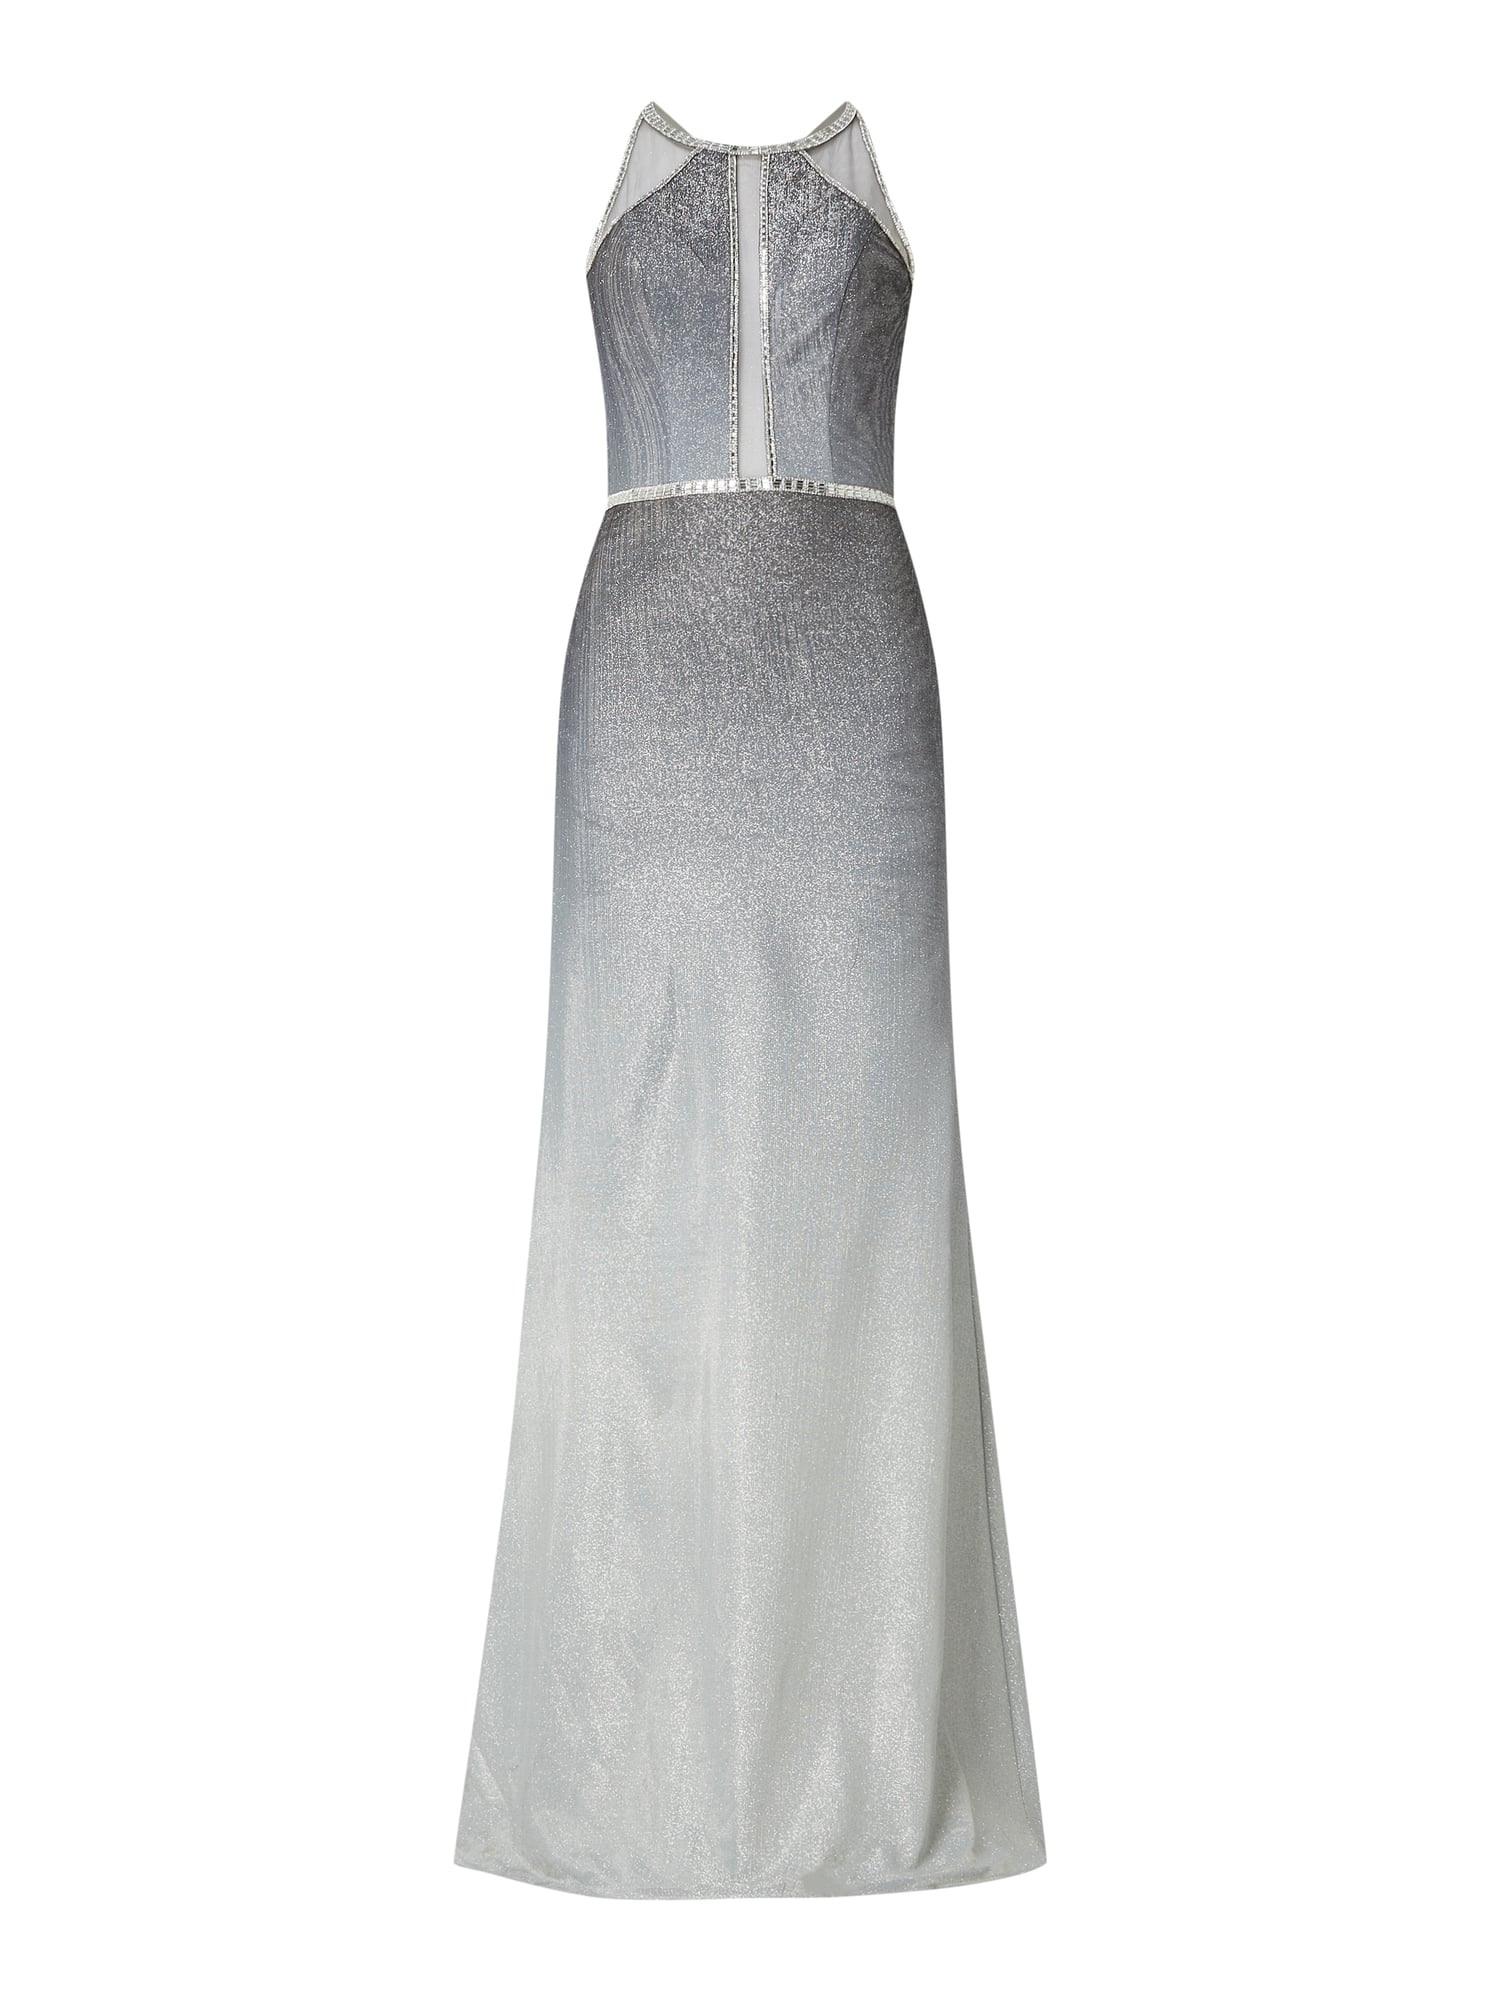 Spektakulär Luxuar Limited Abendkleid ÄrmelAbend Wunderbar Luxuar Limited Abendkleid Spezialgebiet